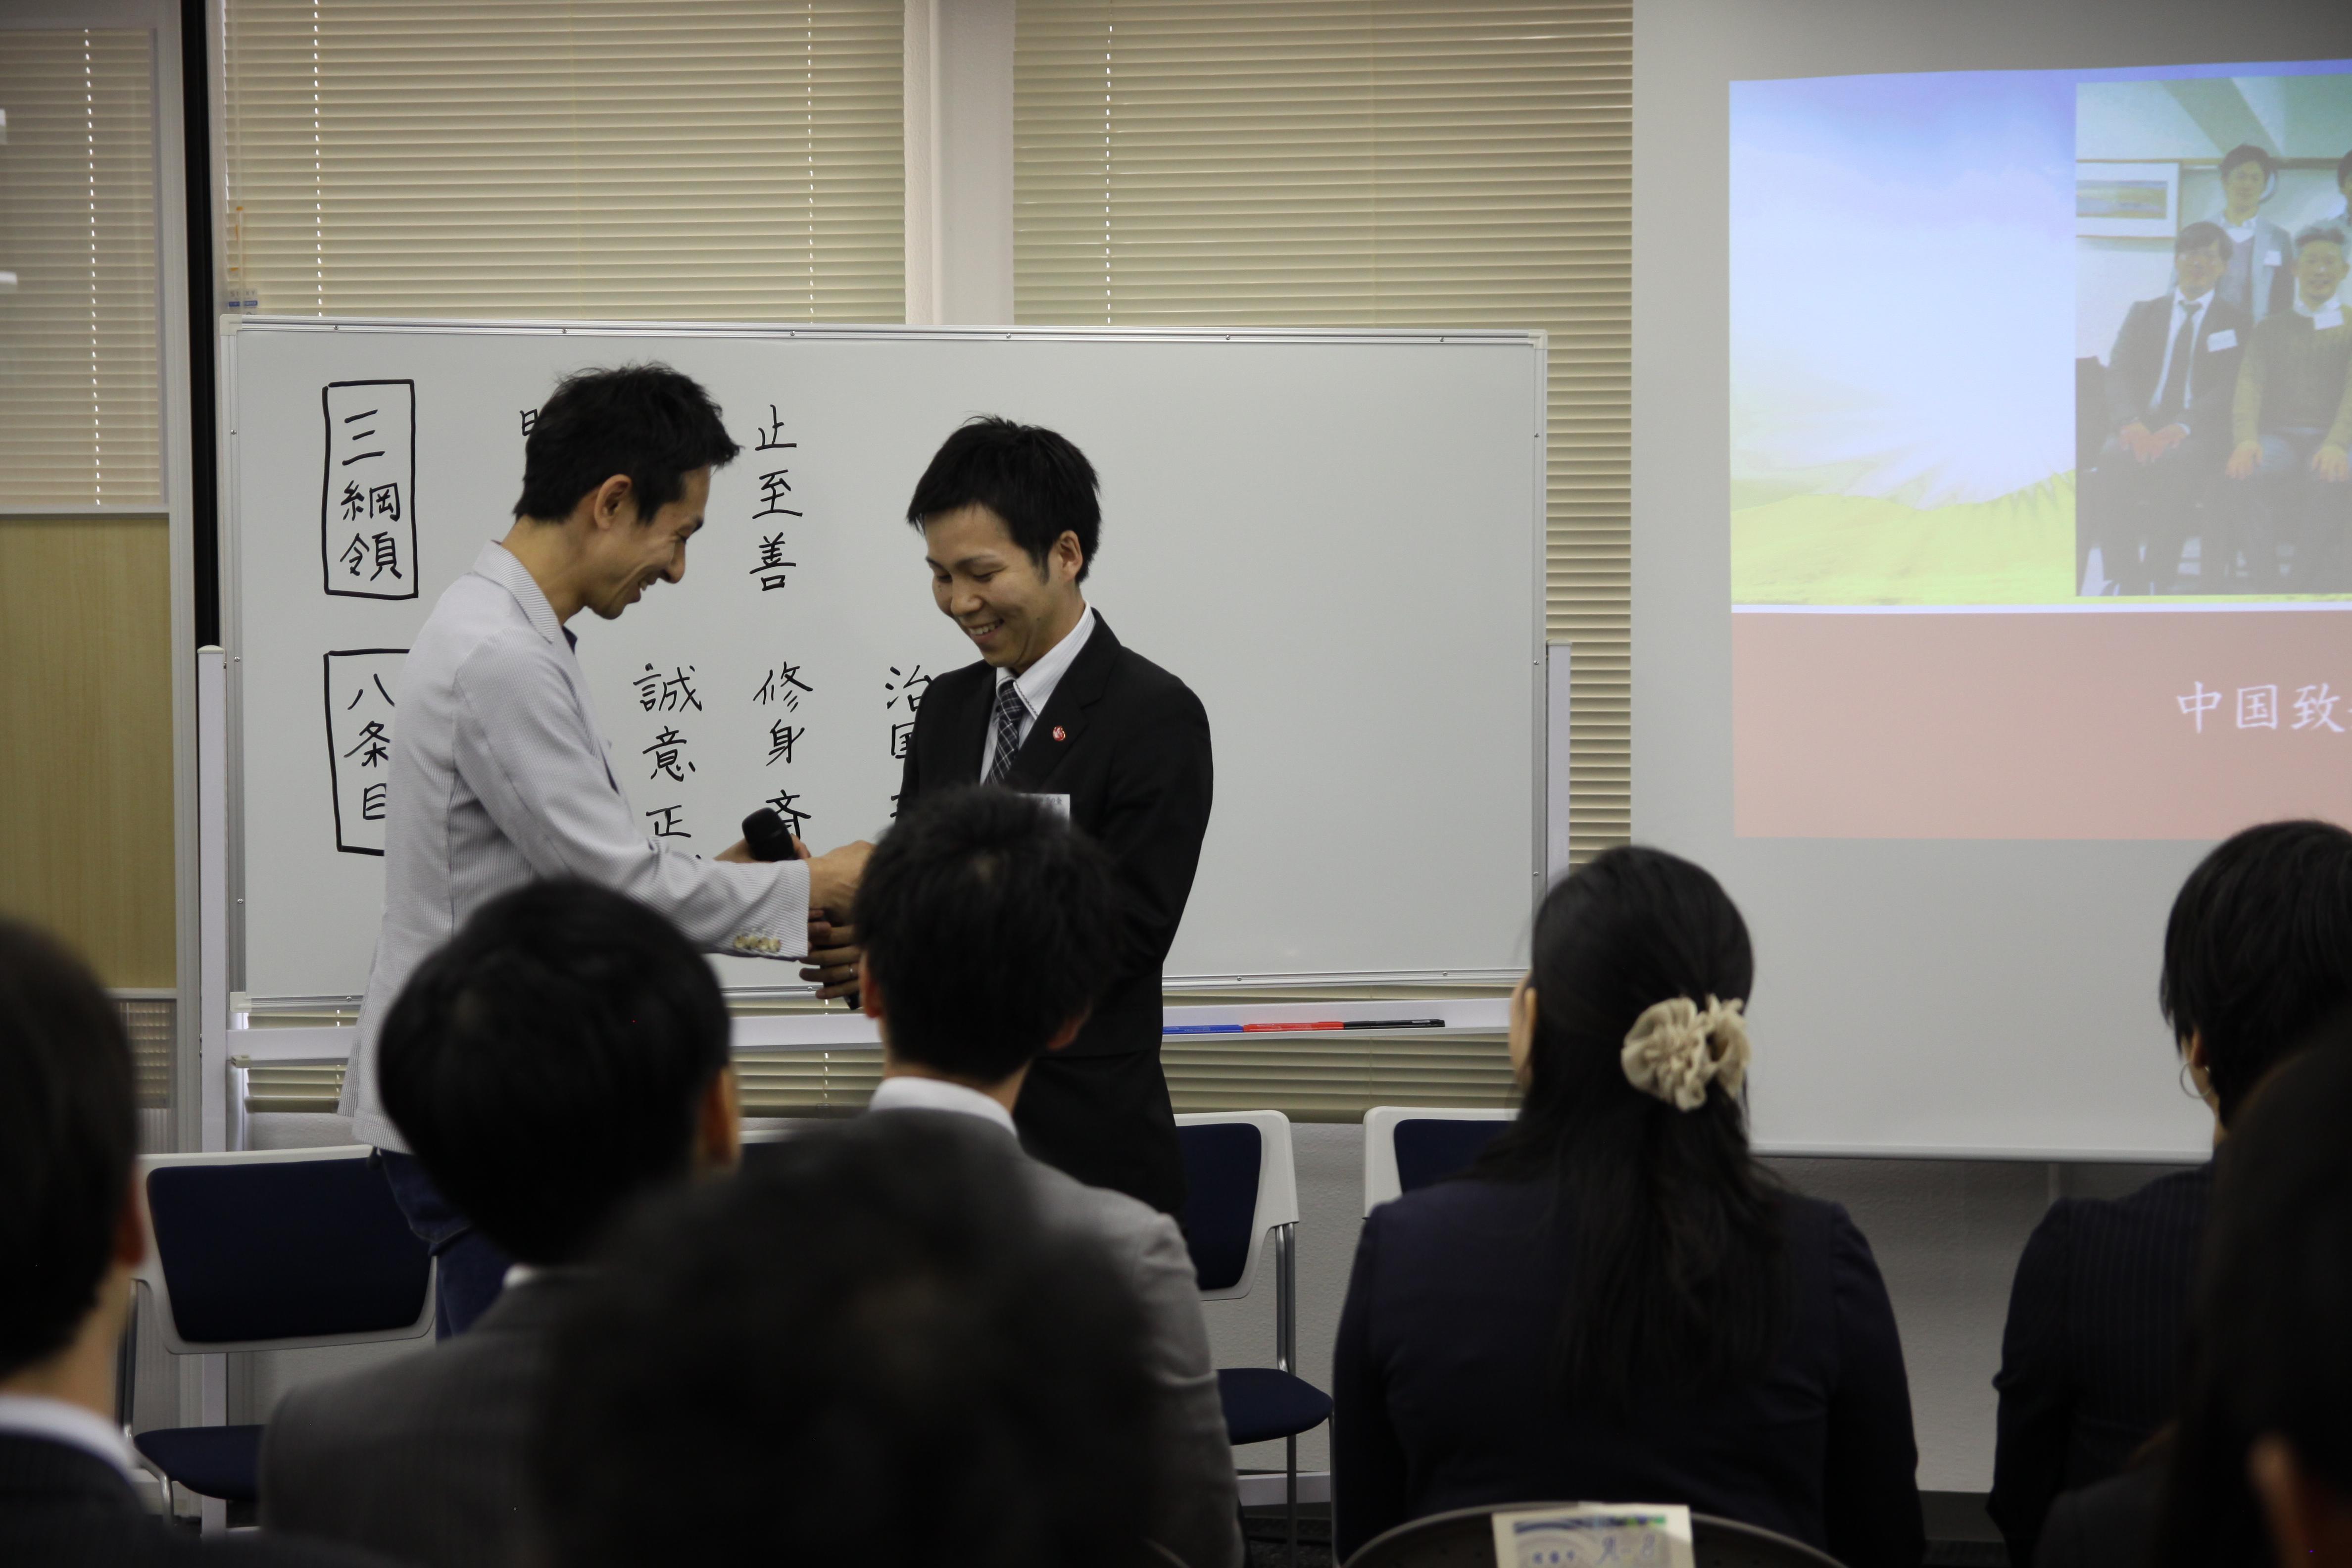 IMG 4661 - 関東若獅子の会、記念すべき第100回